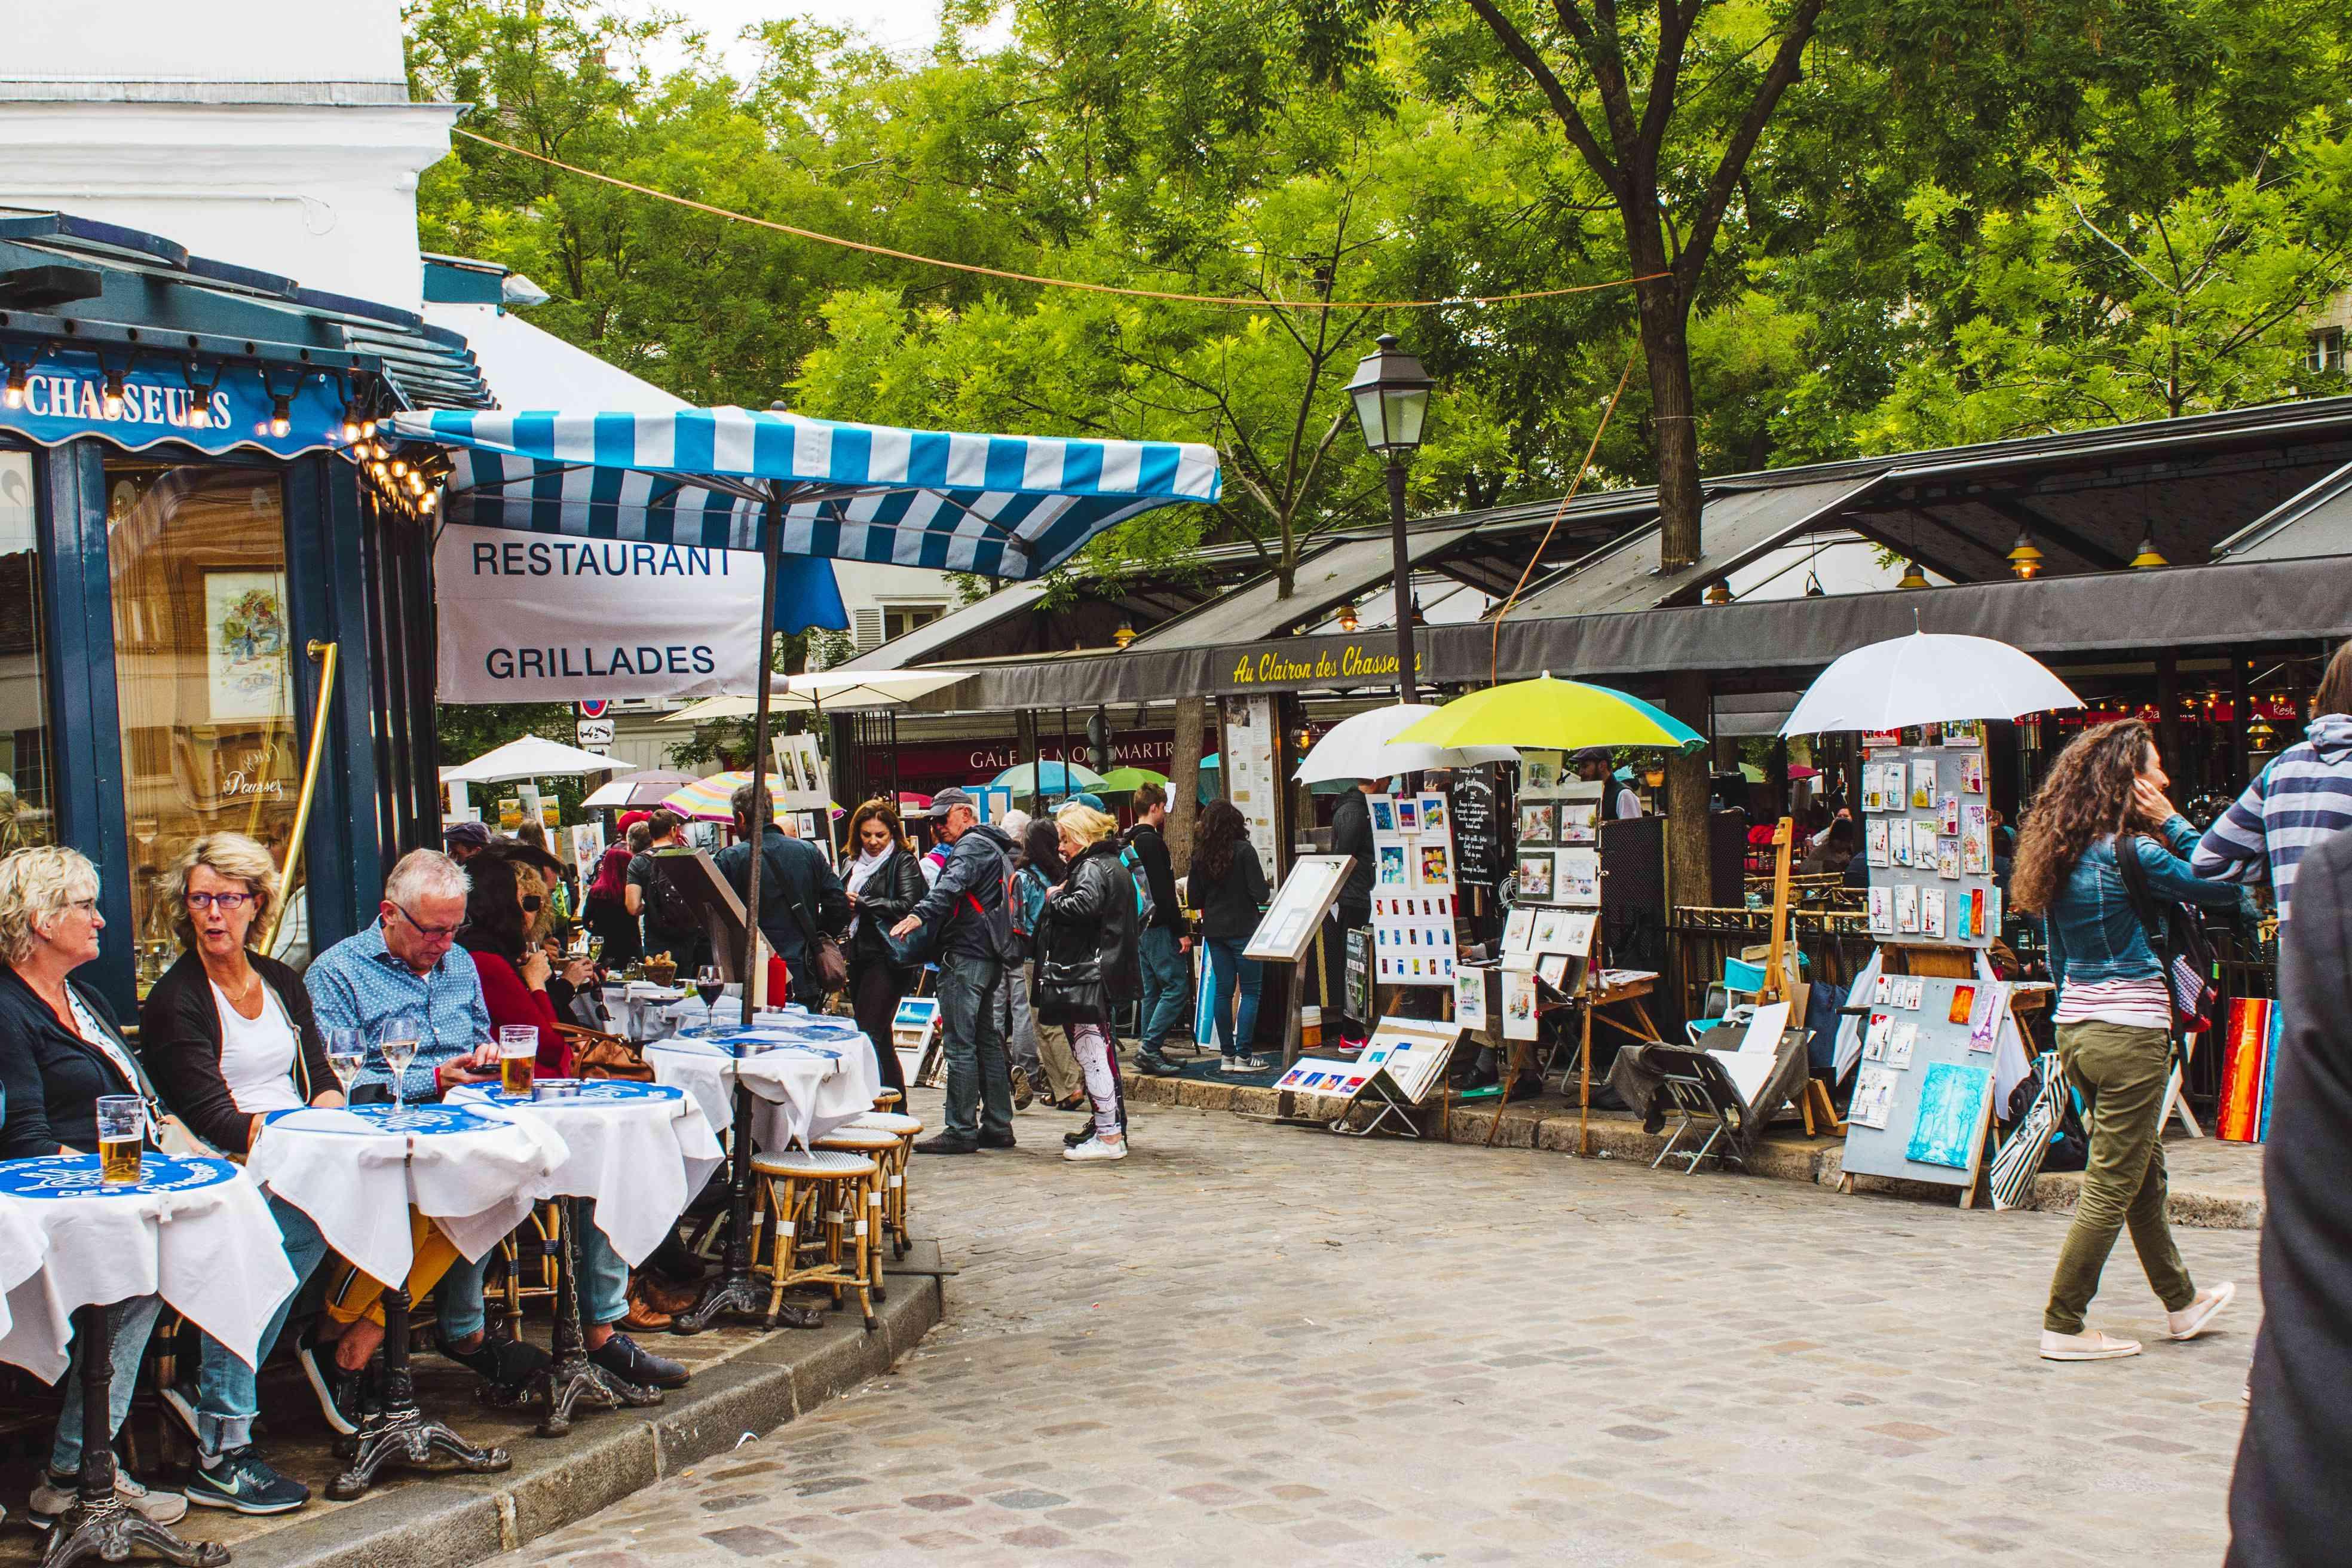 Art vendors and restaurants in Montmarte